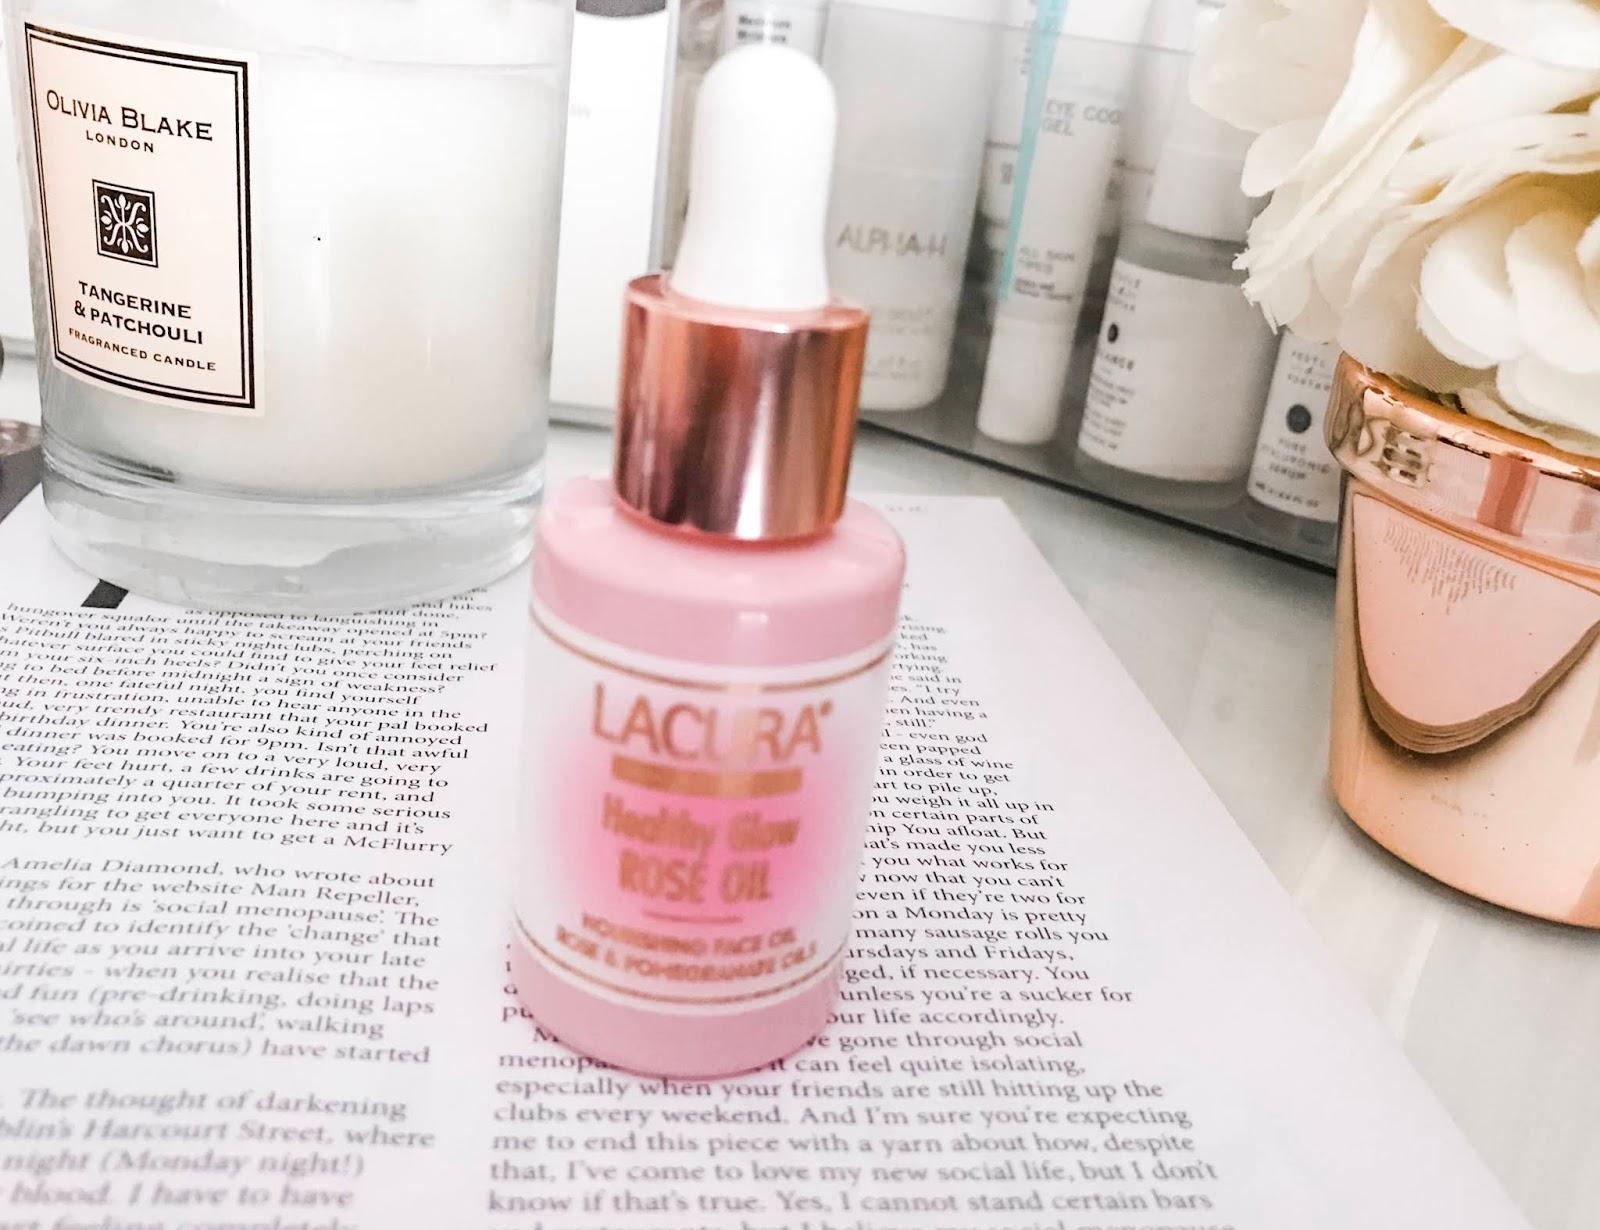 Aldi Lacura Rose Facial Oil Review